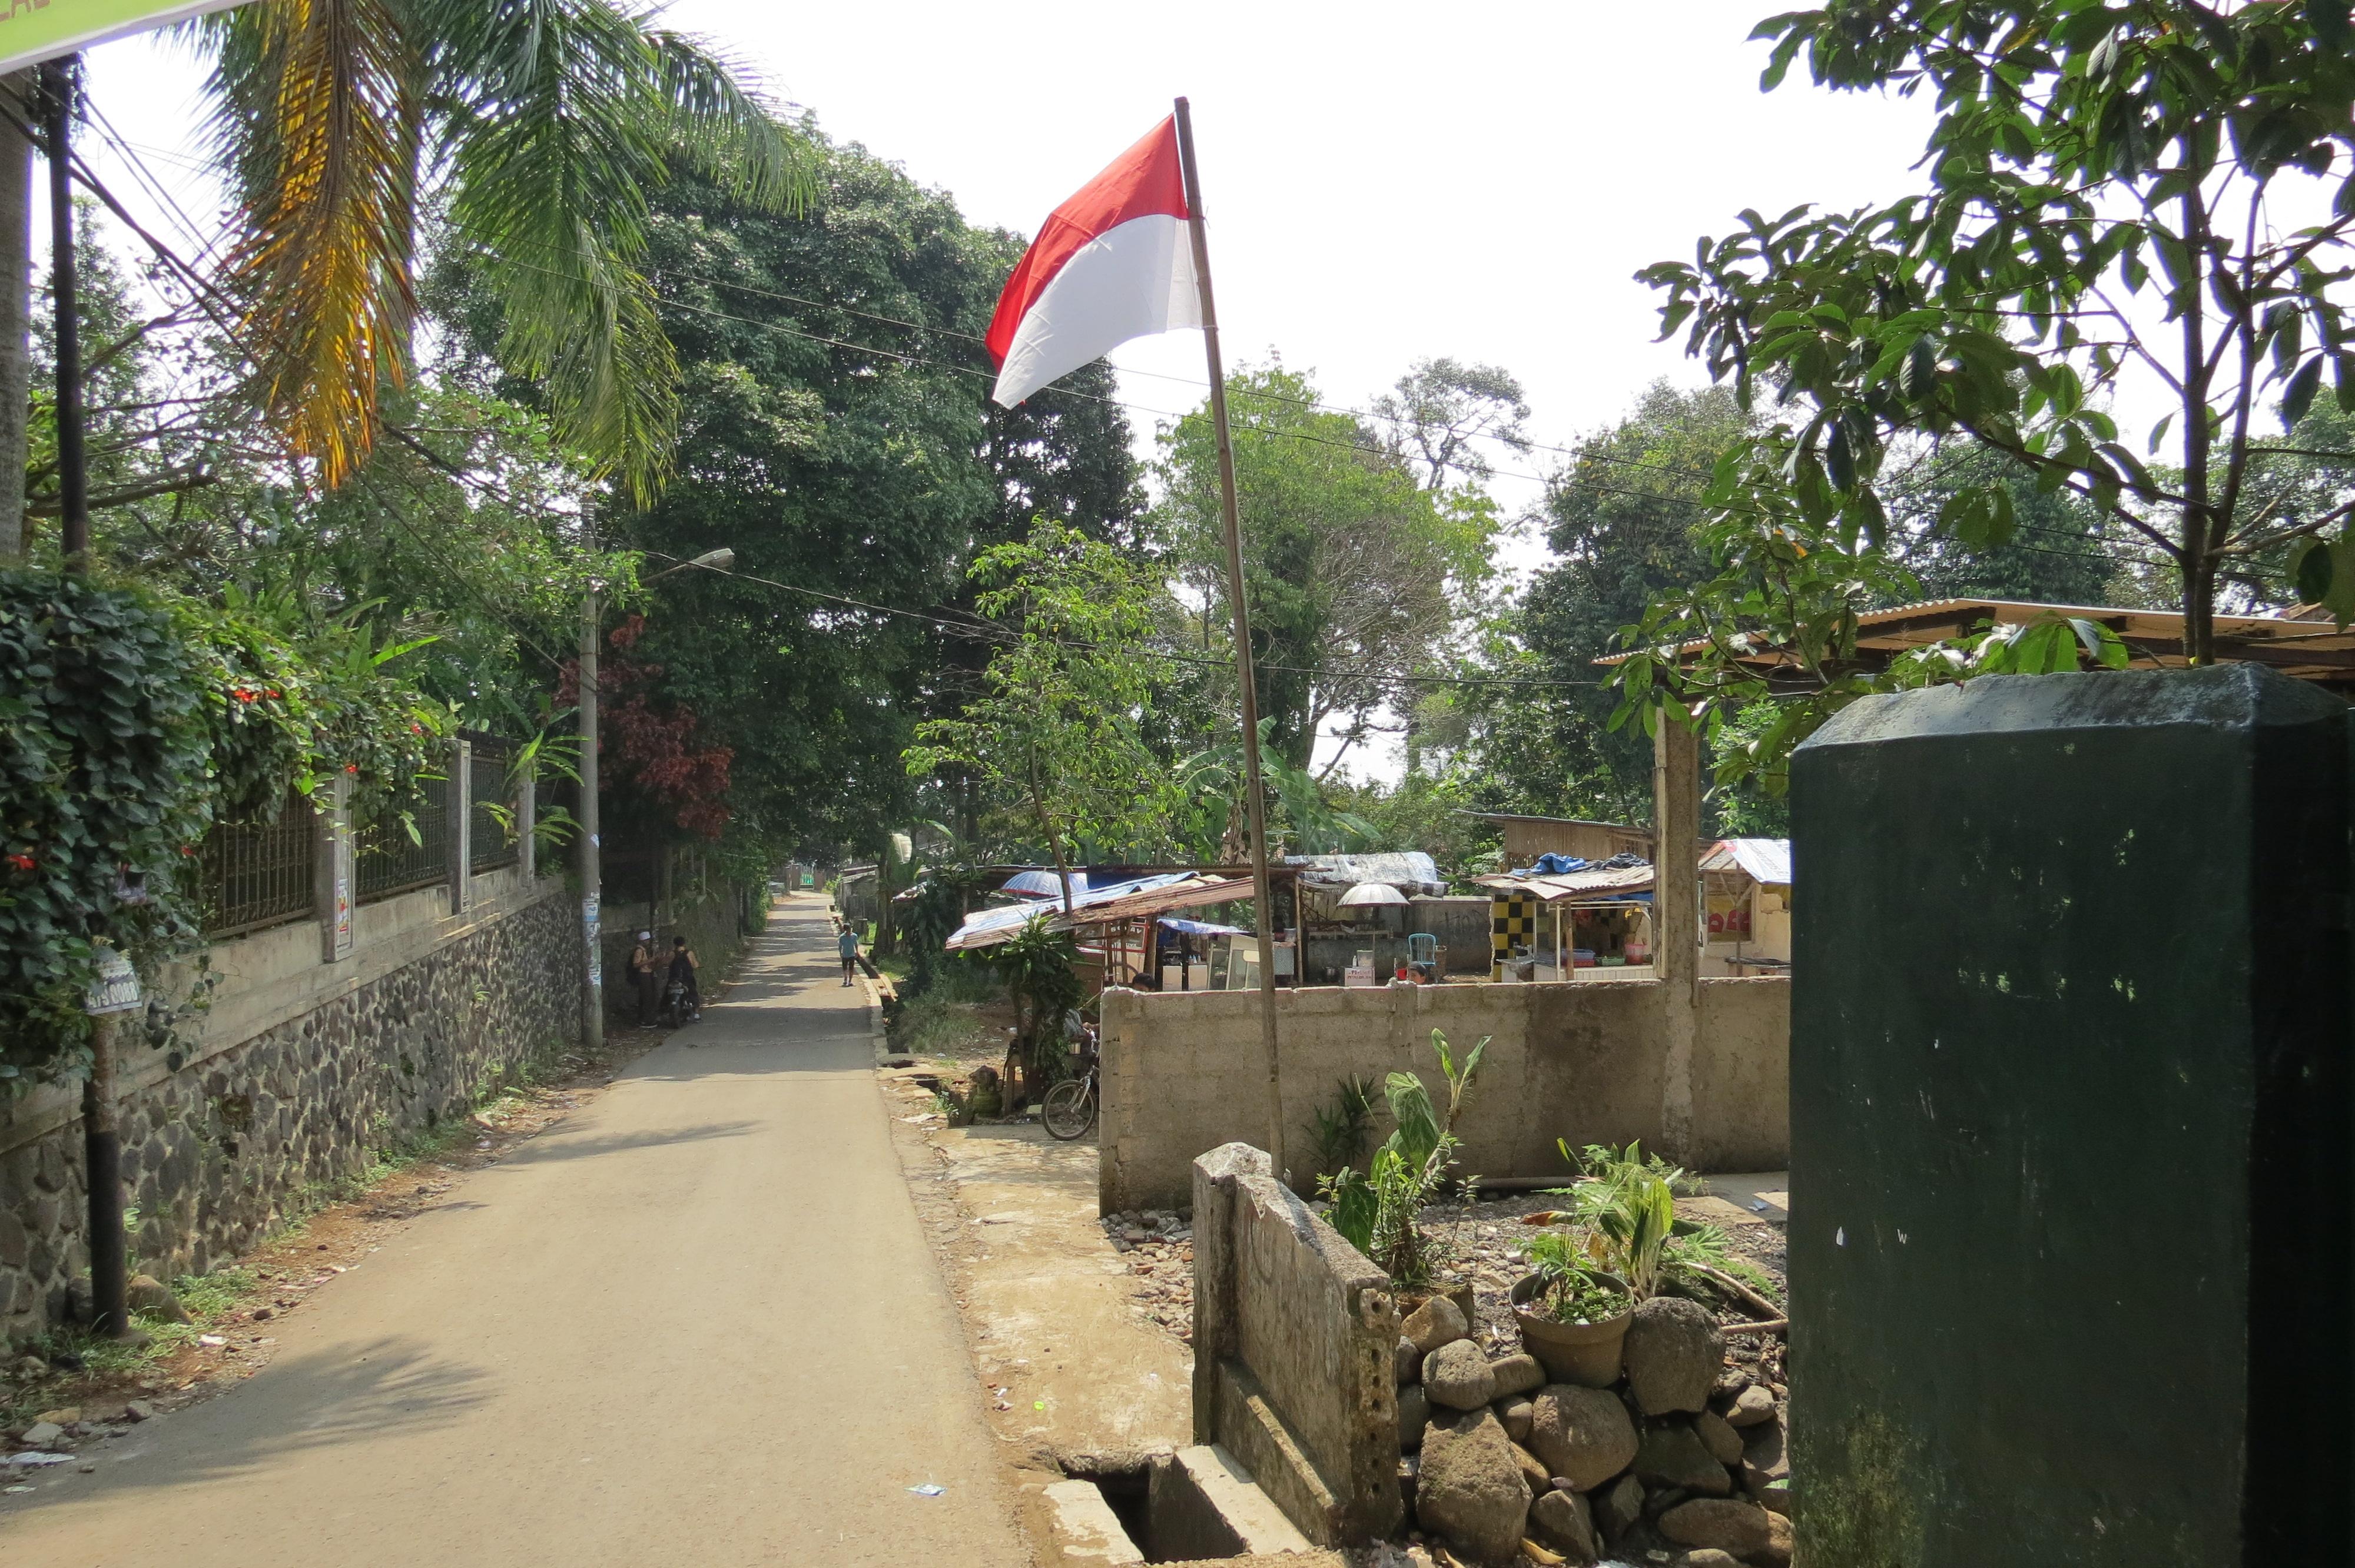 Carrers barri Indonèsia. Viatge. Berta Torras